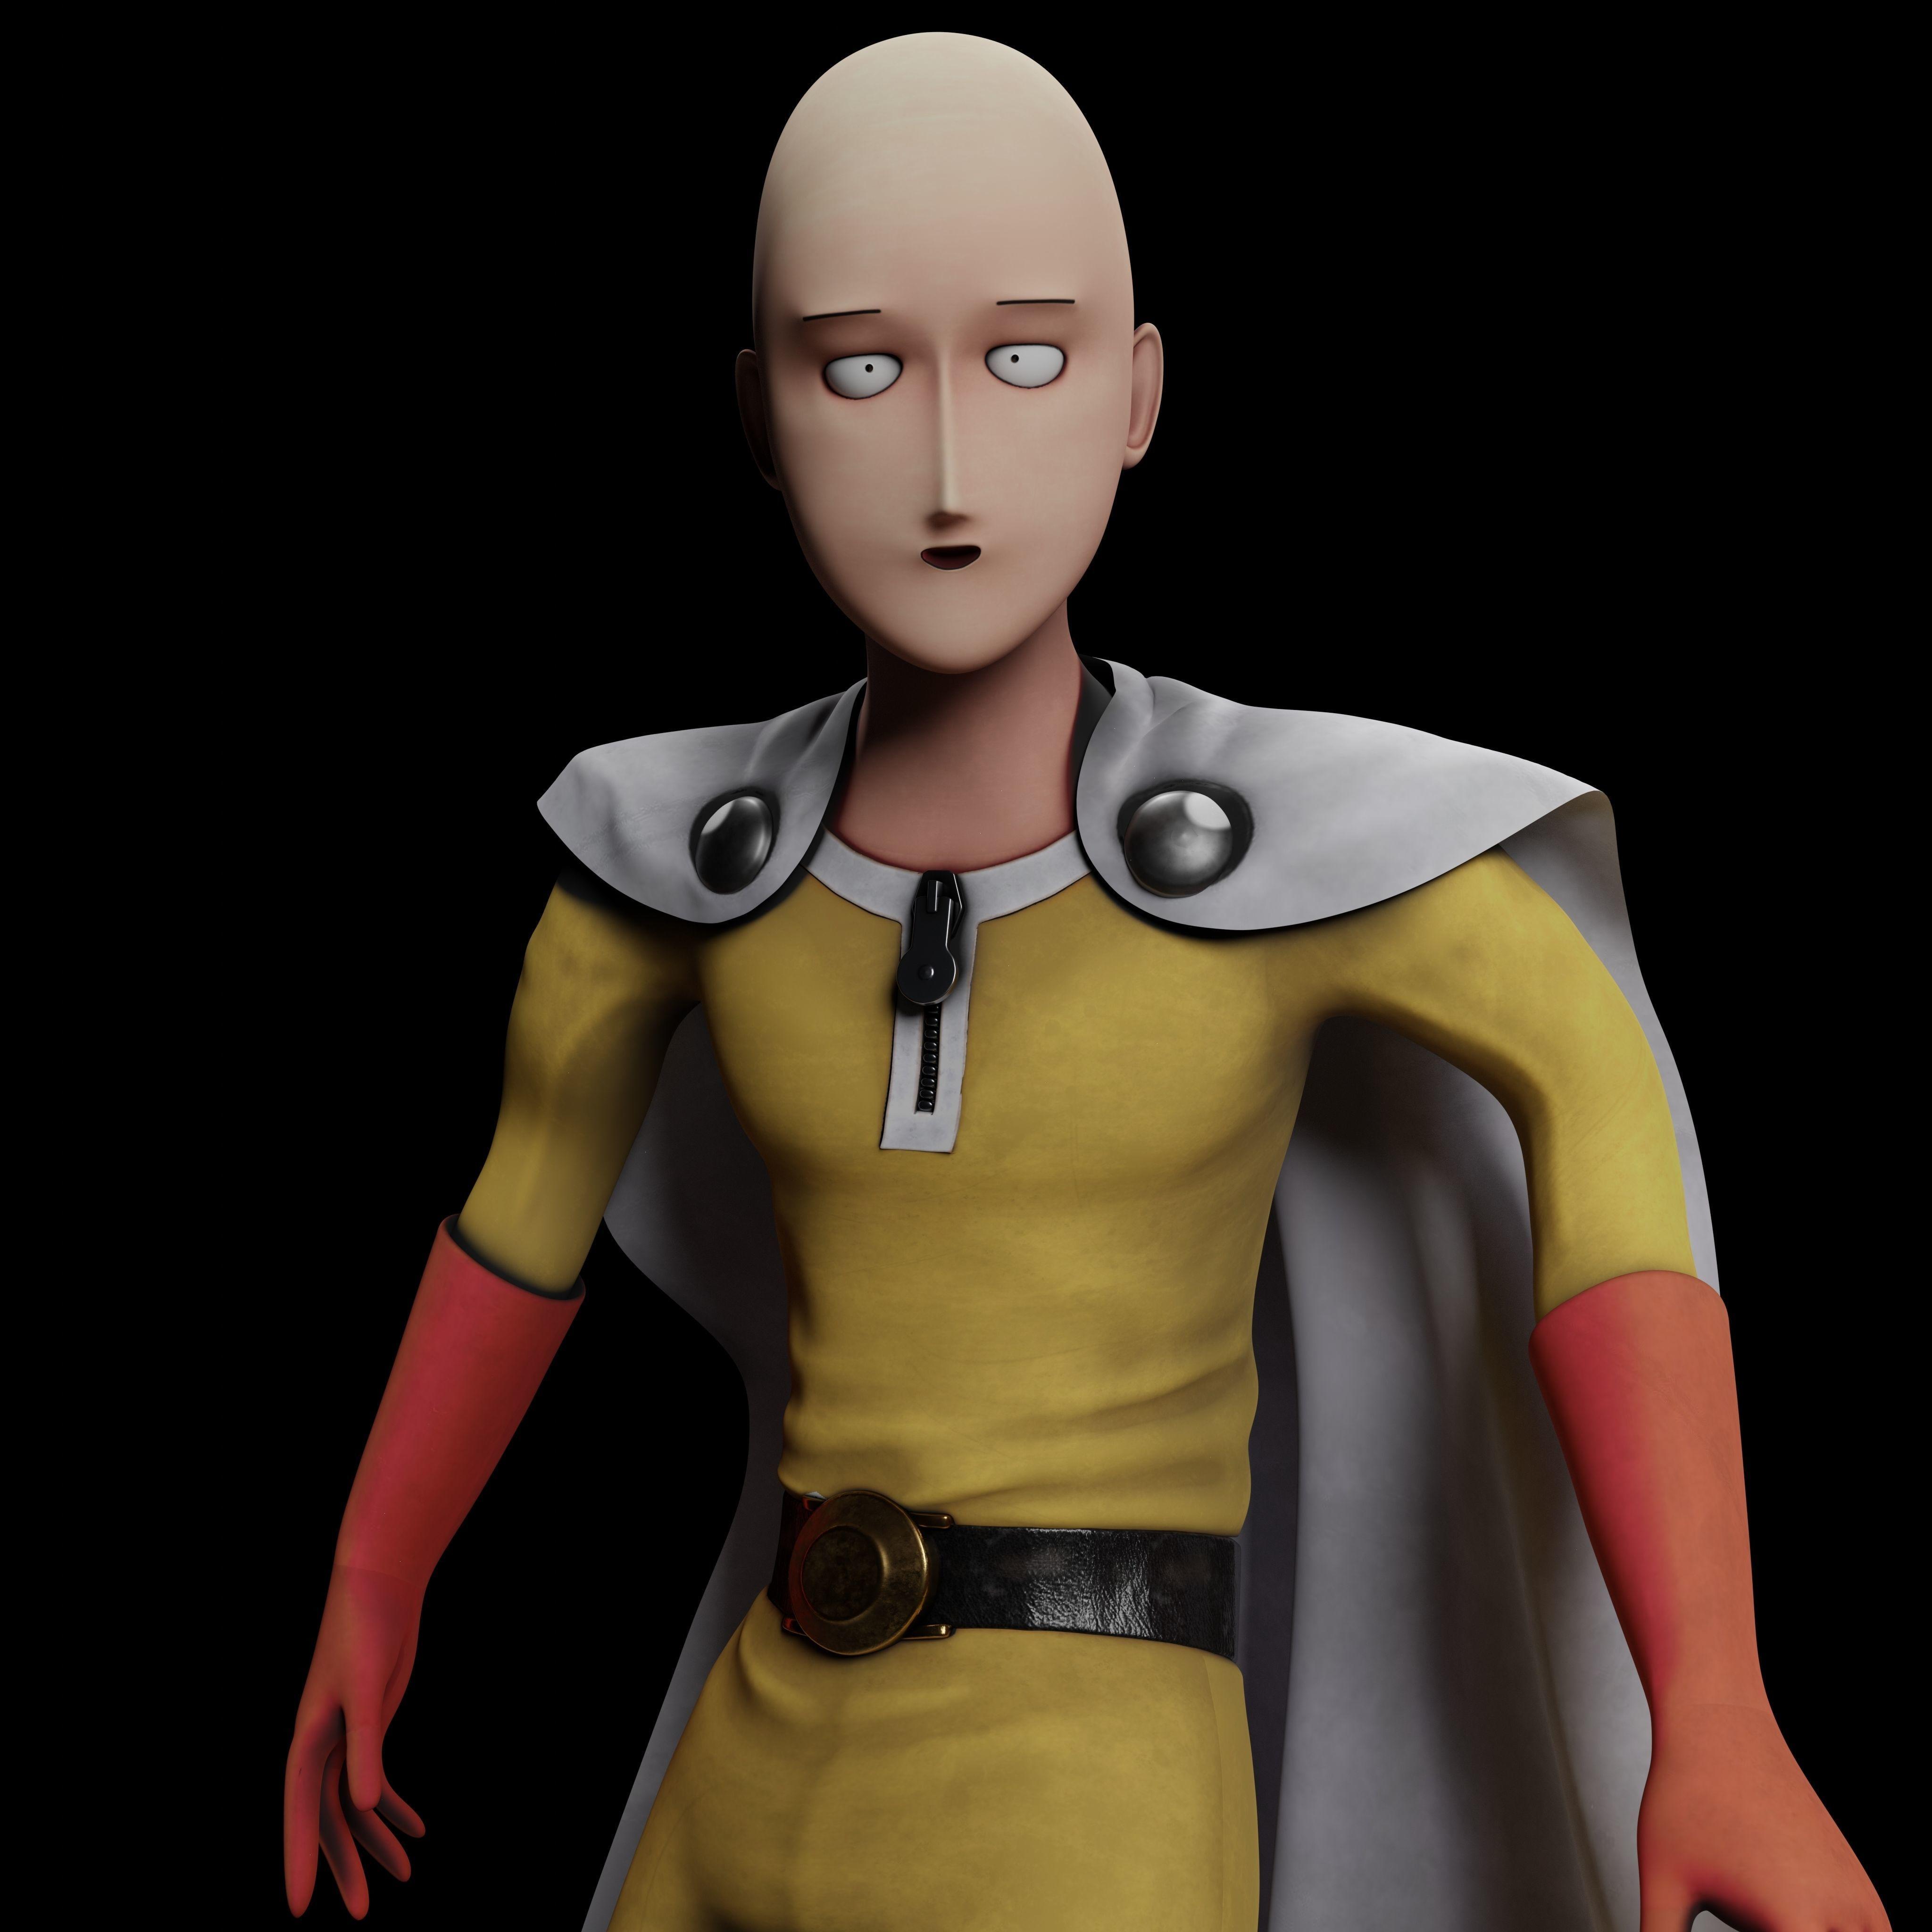 One Punch Man Saitama - 3D Print Model | CGTrader